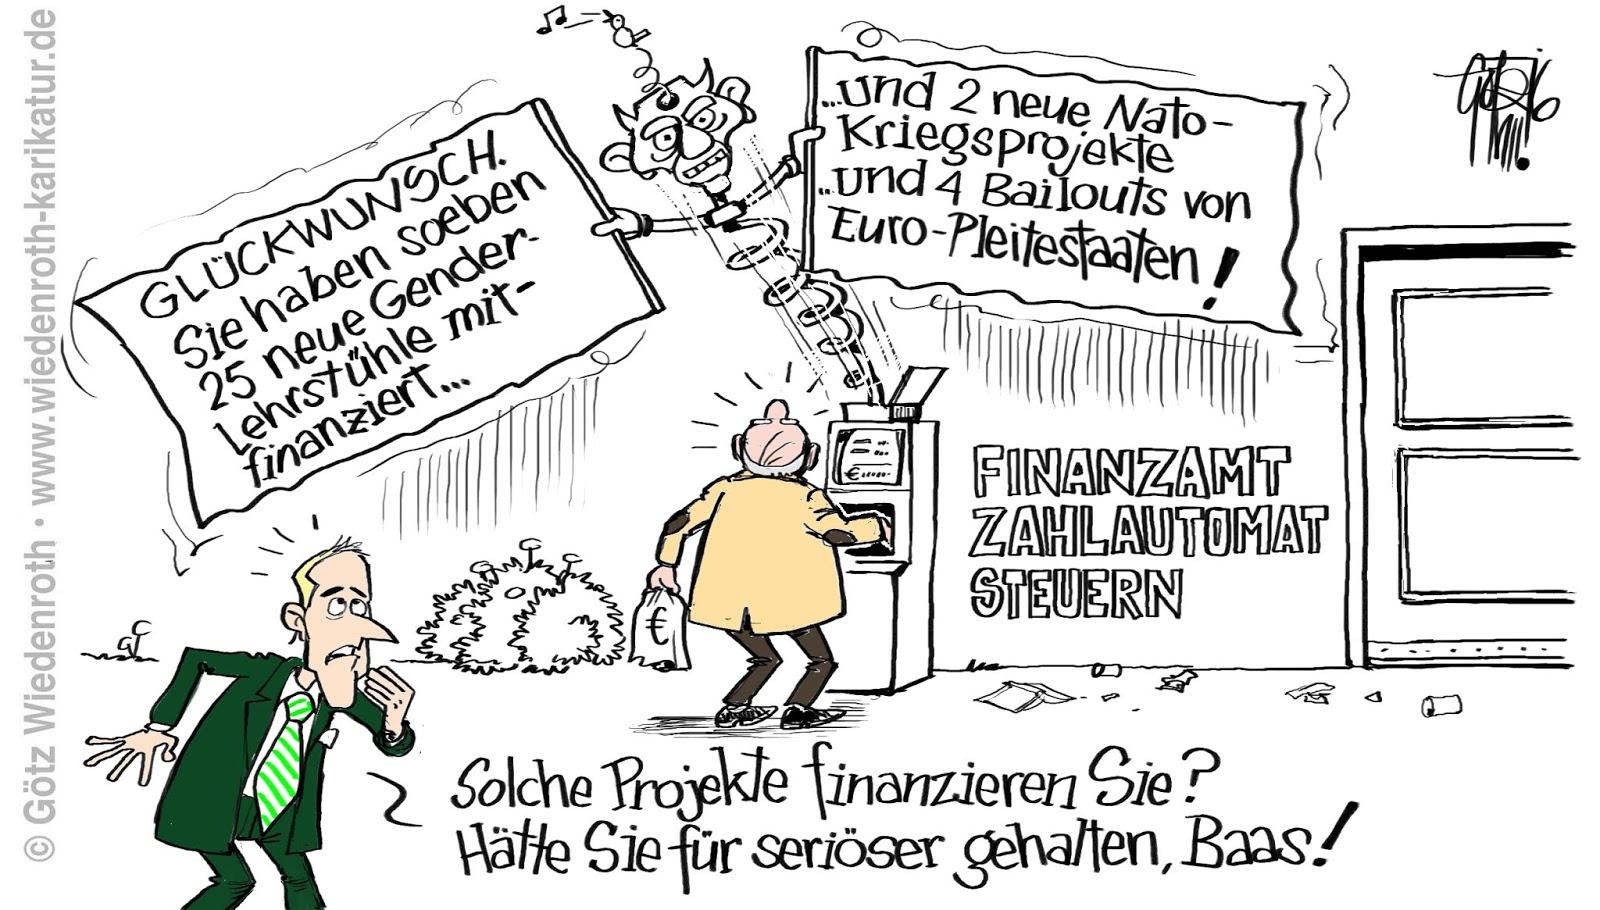 Großzügig Lp Aufzeichnungsanzeigerahmen Ideen - Rahmen Ideen ...